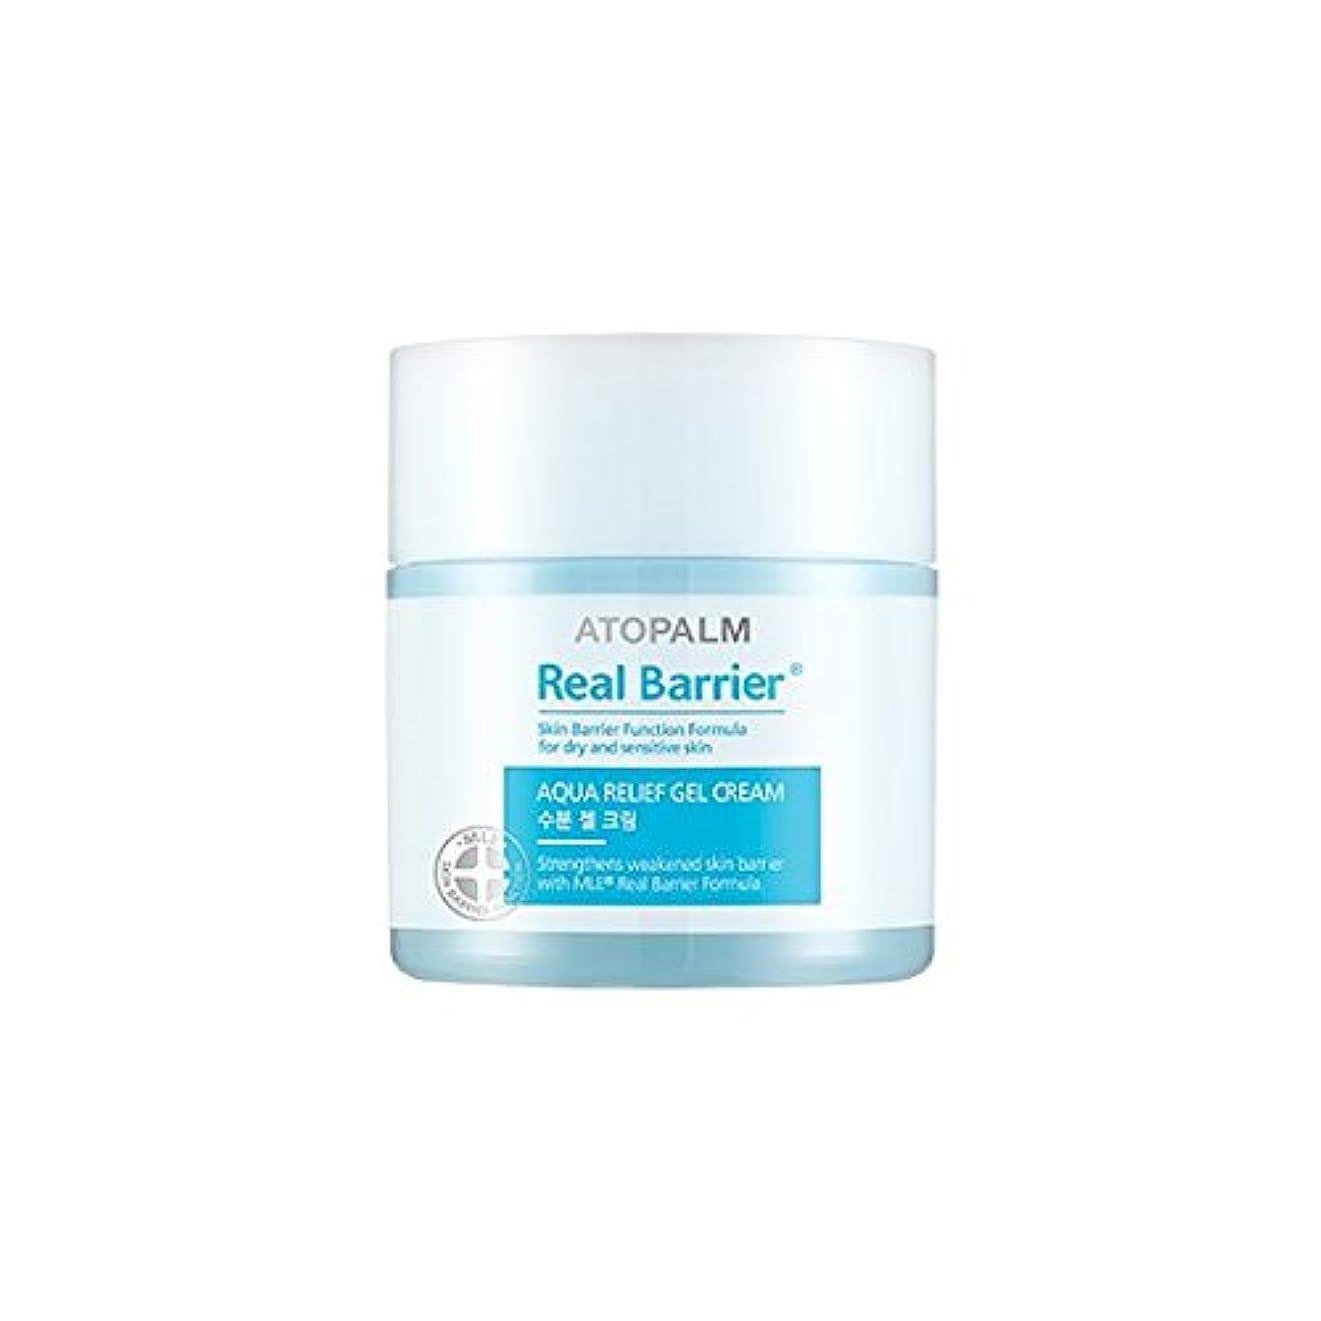 住居海洋のに向かってATOPALM Real Barrier Aqua Relief Gel Cream 50ml/アトパーム リアル バリア アクア リリーフ ジェル クリーム 50ml [並行輸入品]